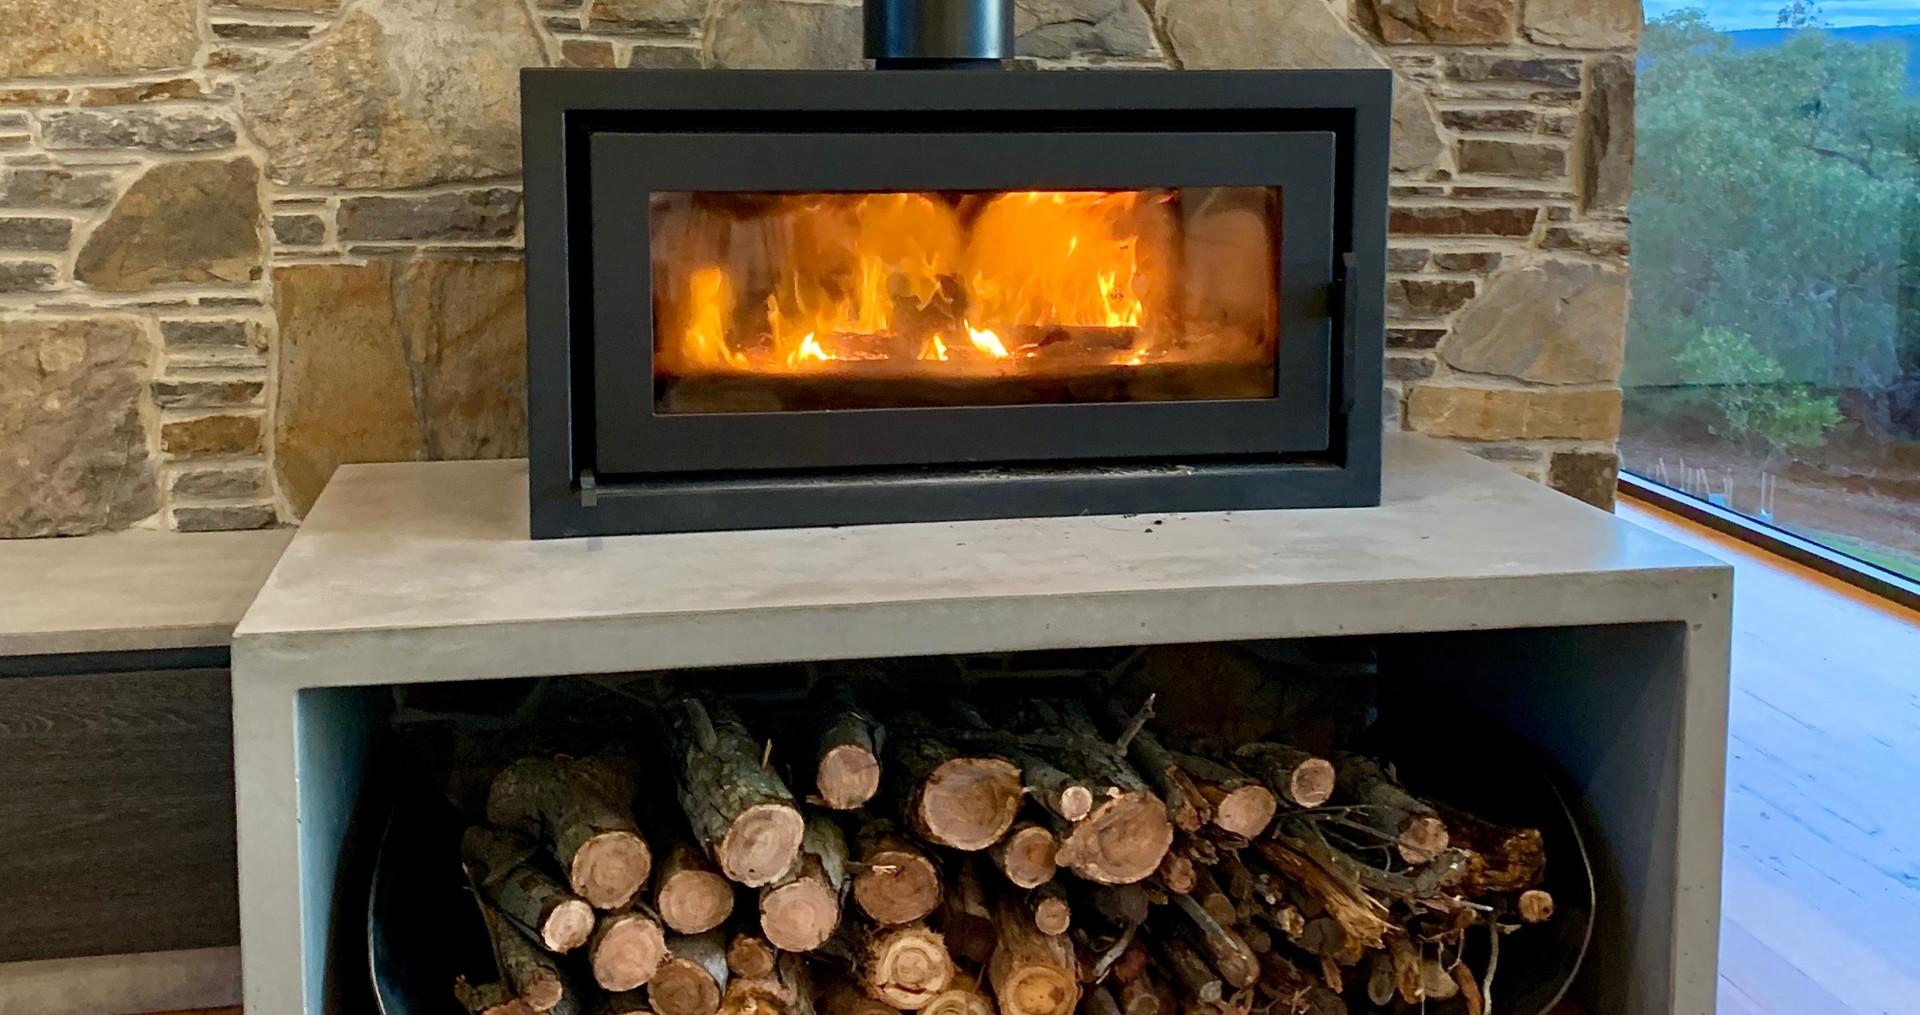 Concrete Fire Hearth U-Shape with Wood Storage